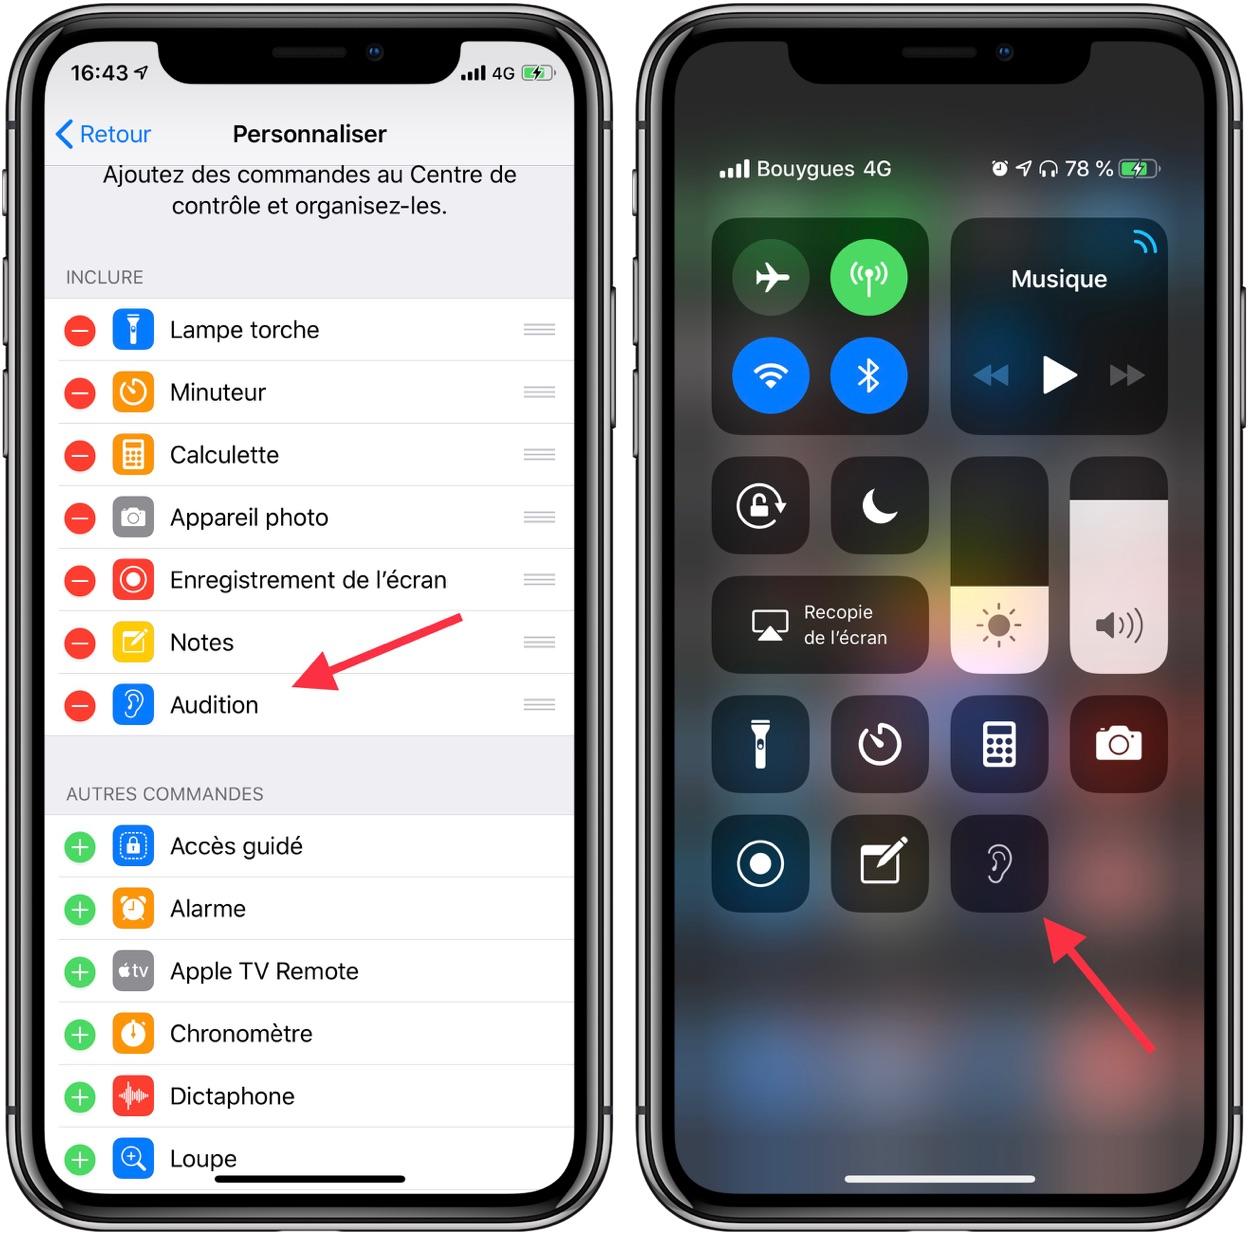 Il suffit de brancher l'application iPhone